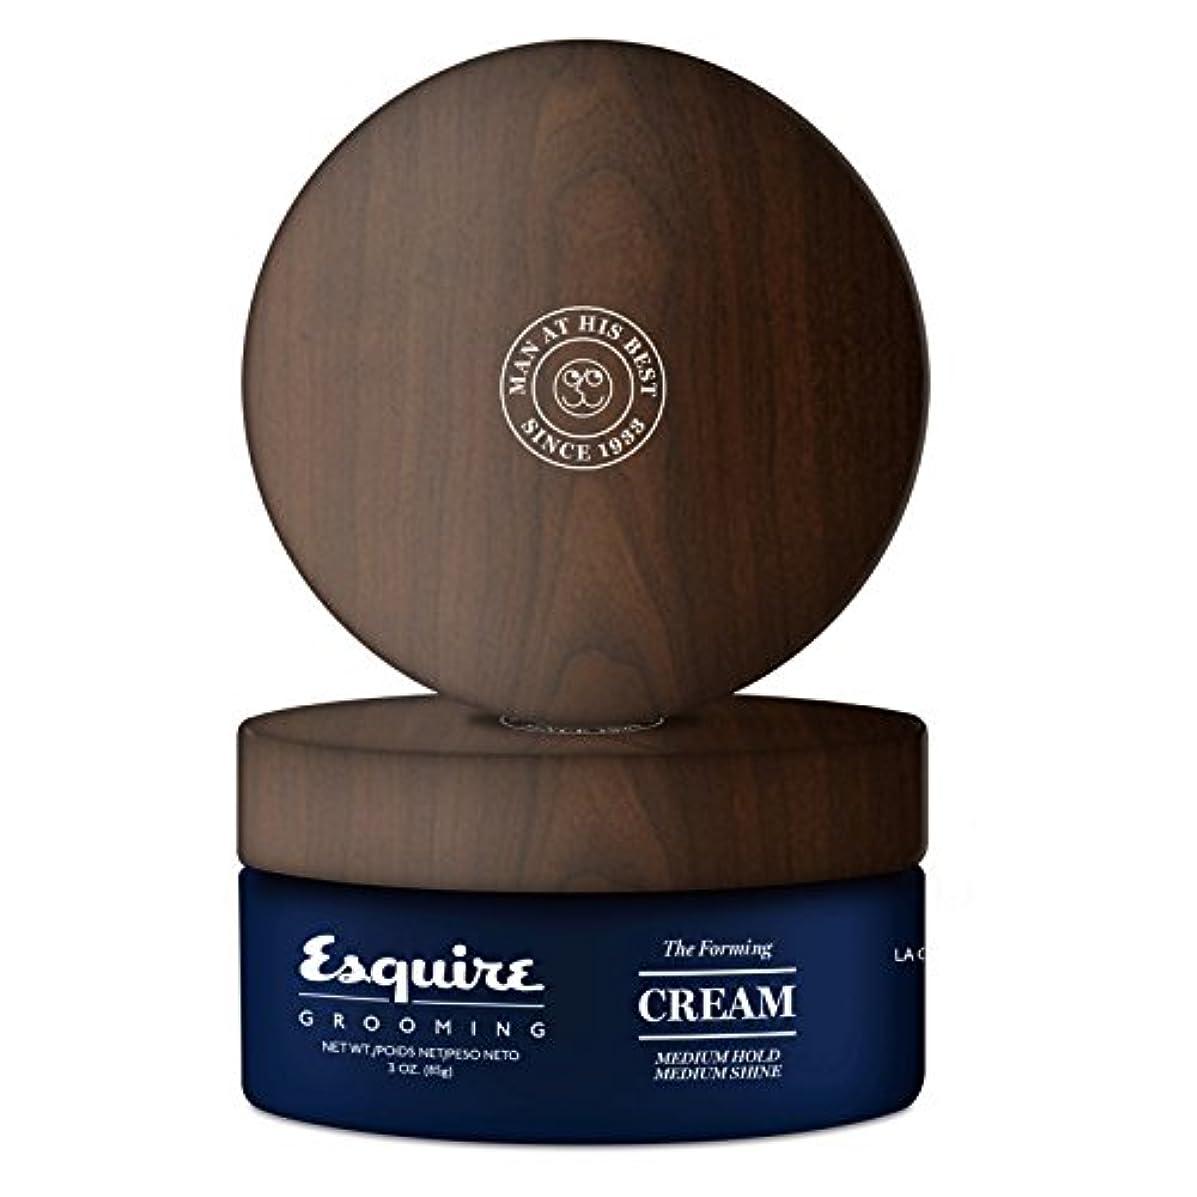 解決するきらきら特徴CHI Esquire Grooming The Forming Cream (Medium Hold, Medium Shine) 85g/3oz並行輸入品